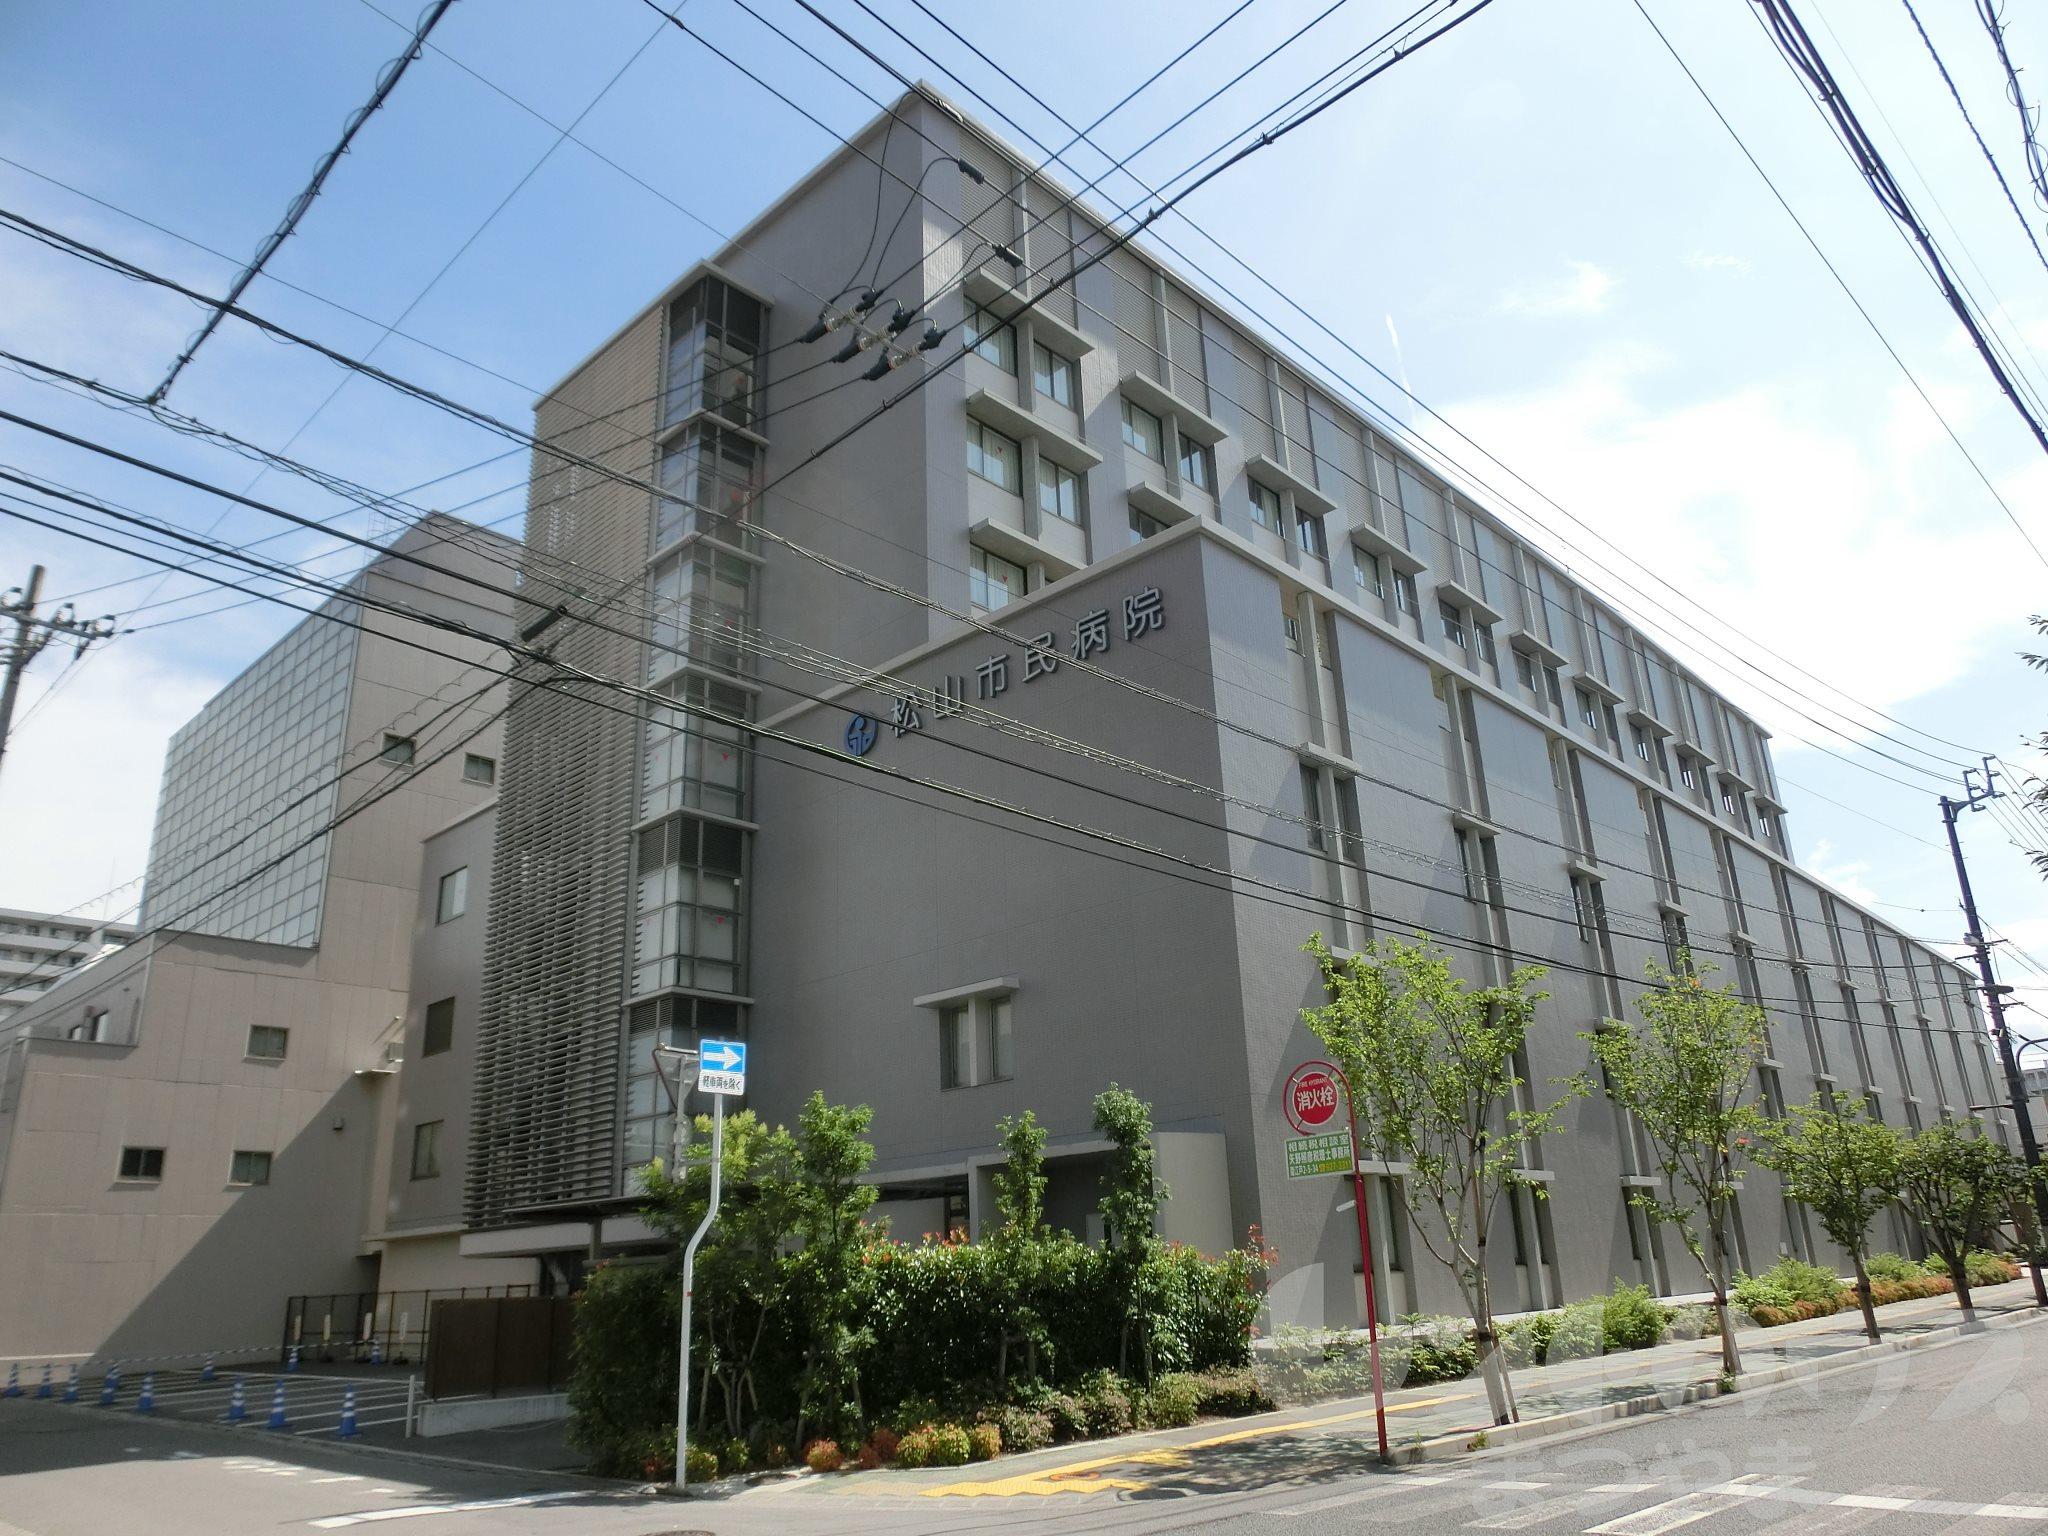 総合病院:松山市民病院 1052m